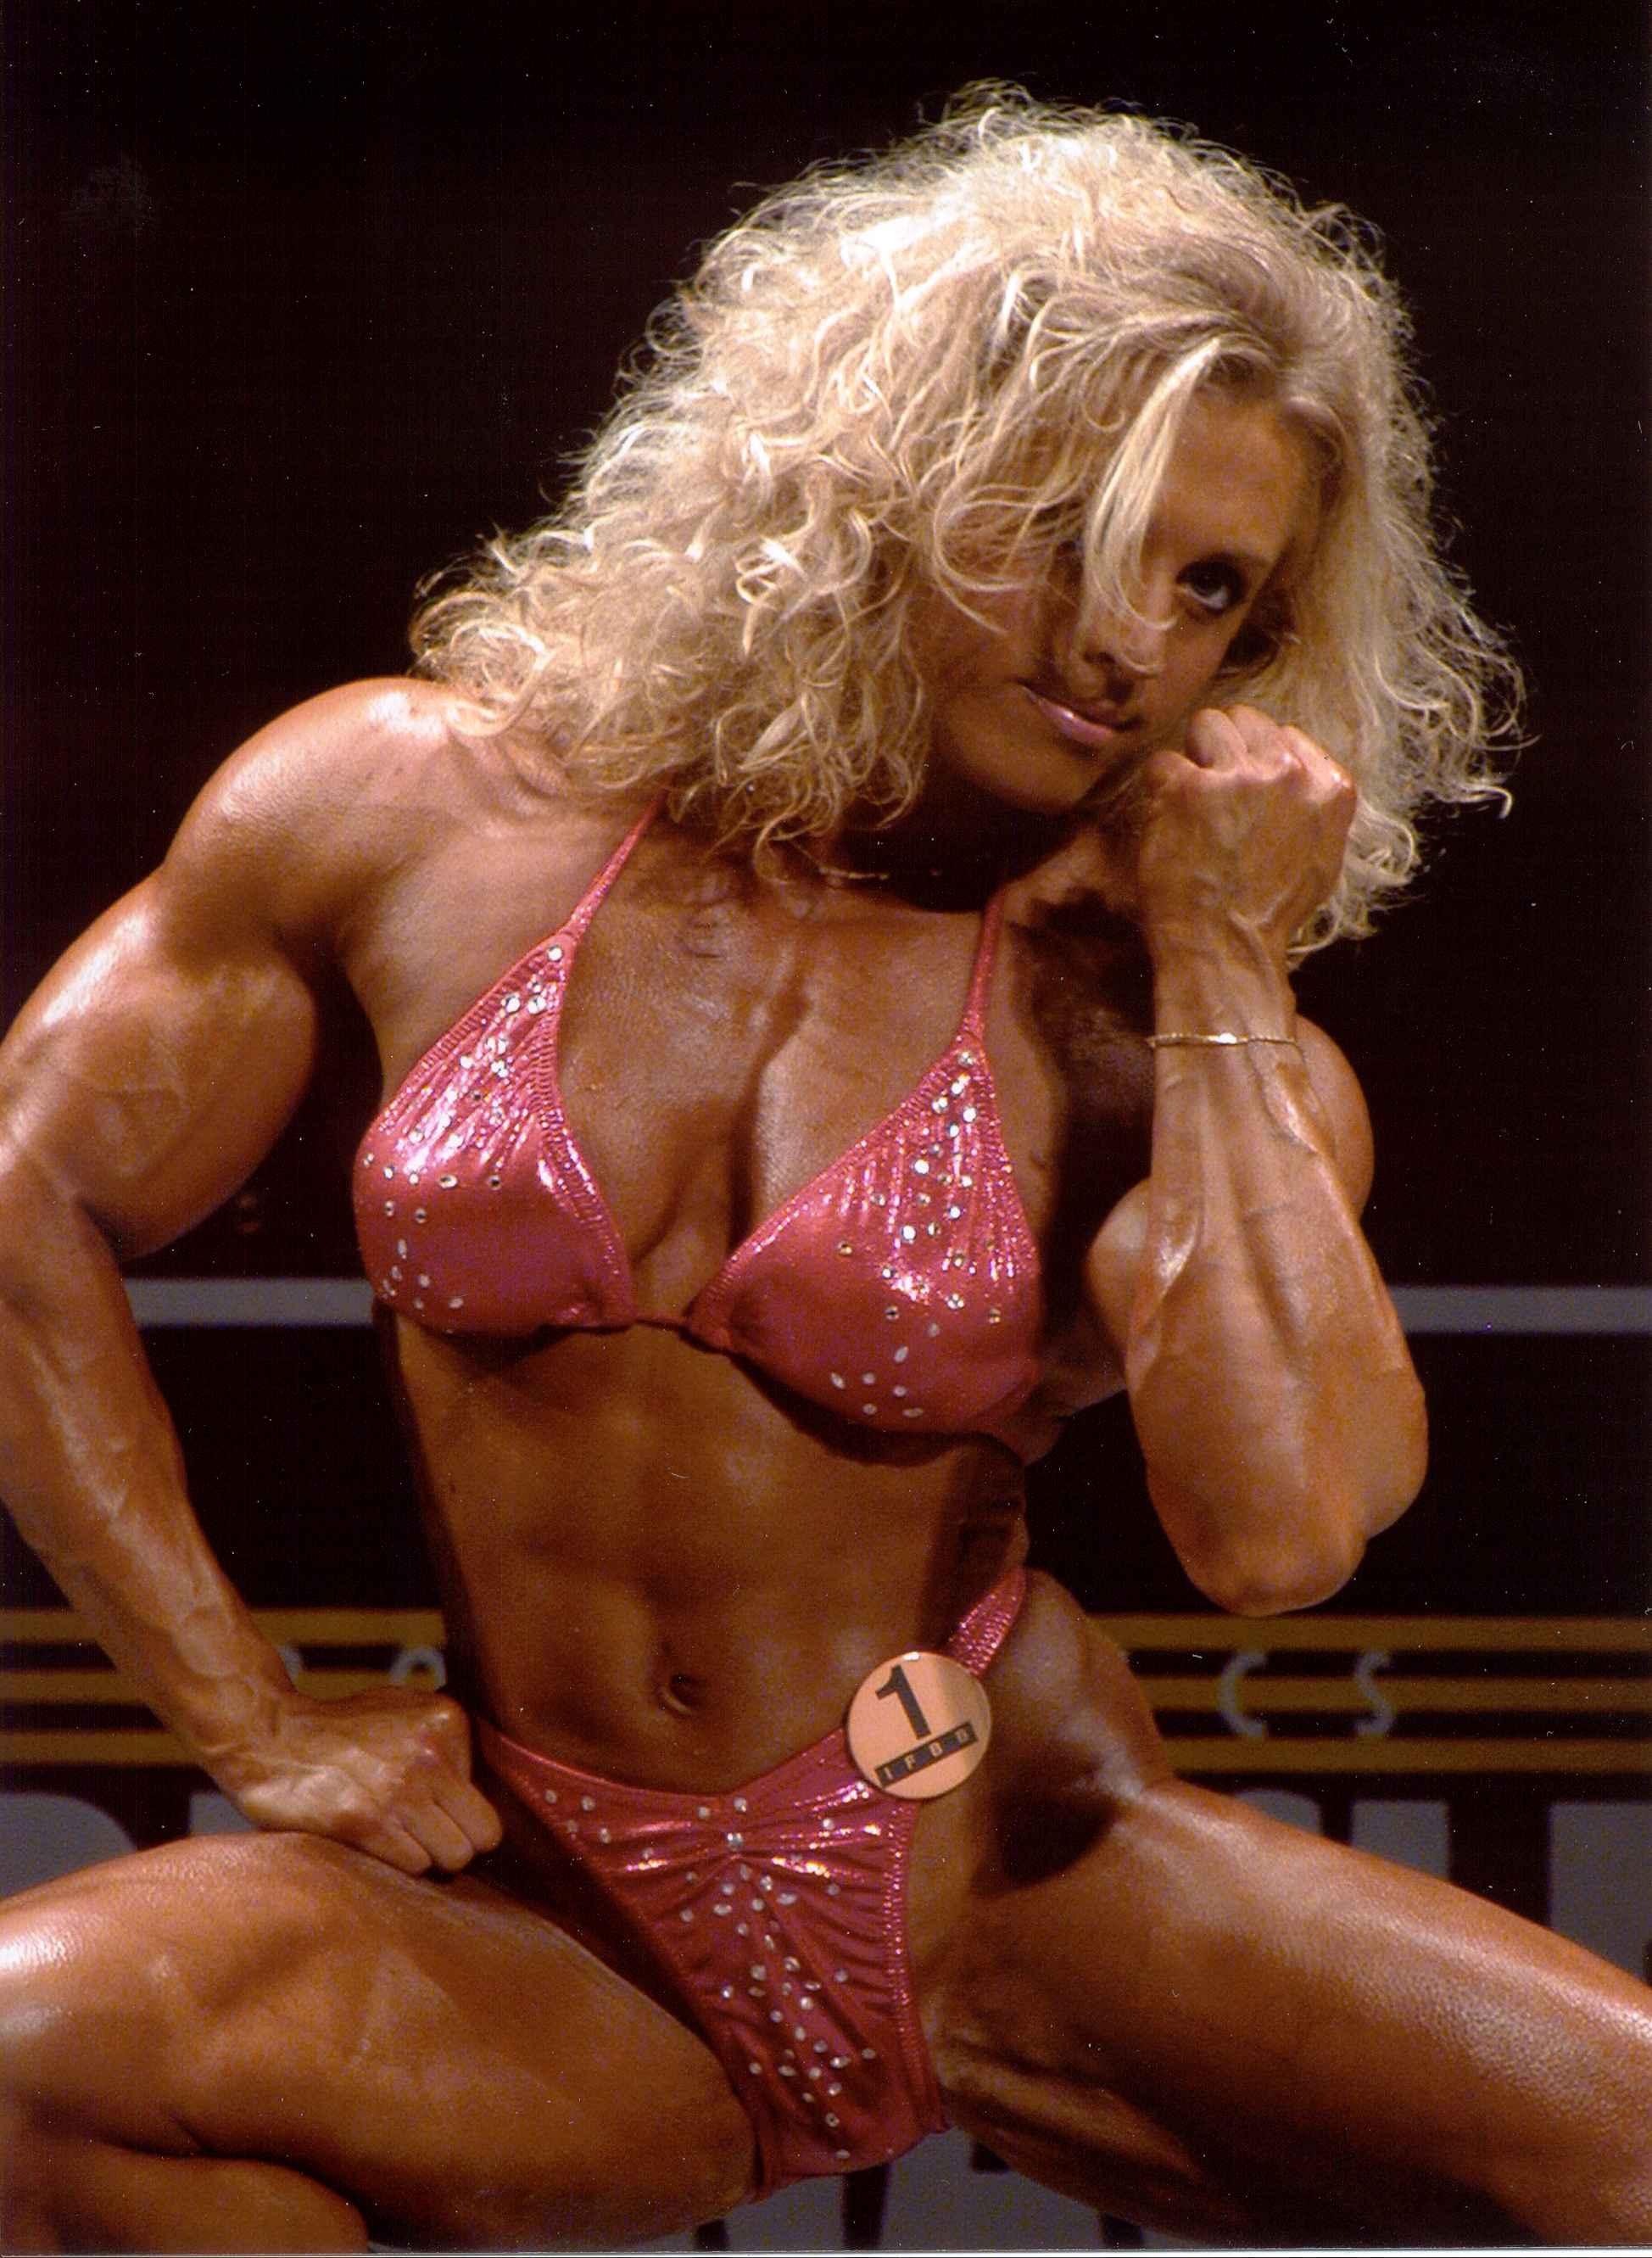 Joanna Thomas - Female Bodybuilder - Women Bodybuildin